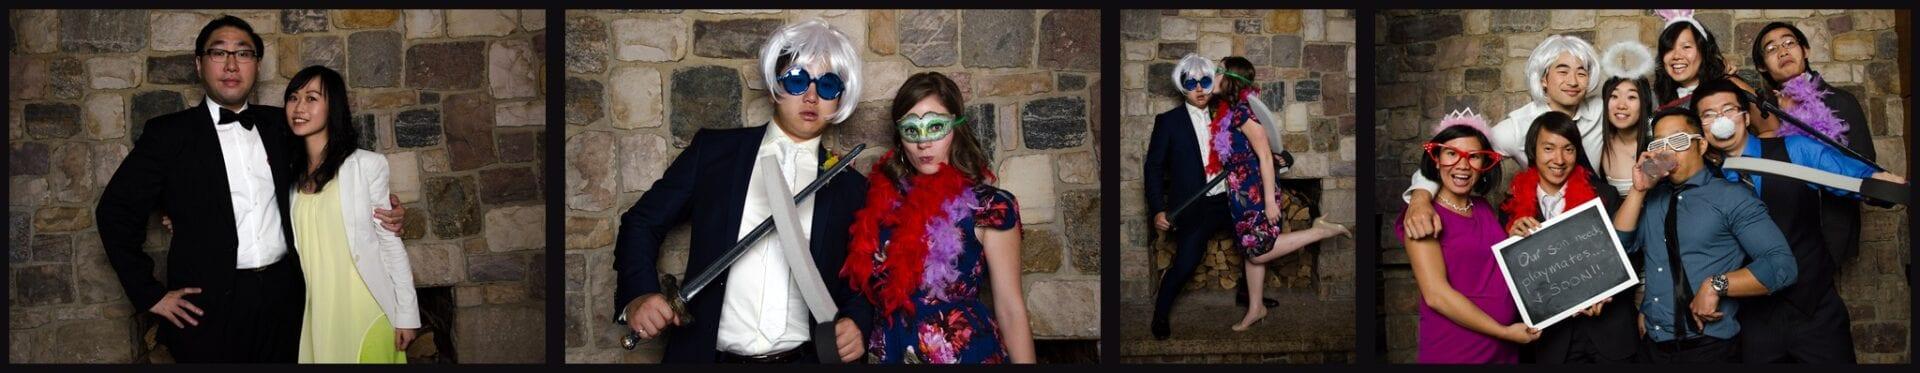 Edmonton-Wedding-photo-booth-Photography-123